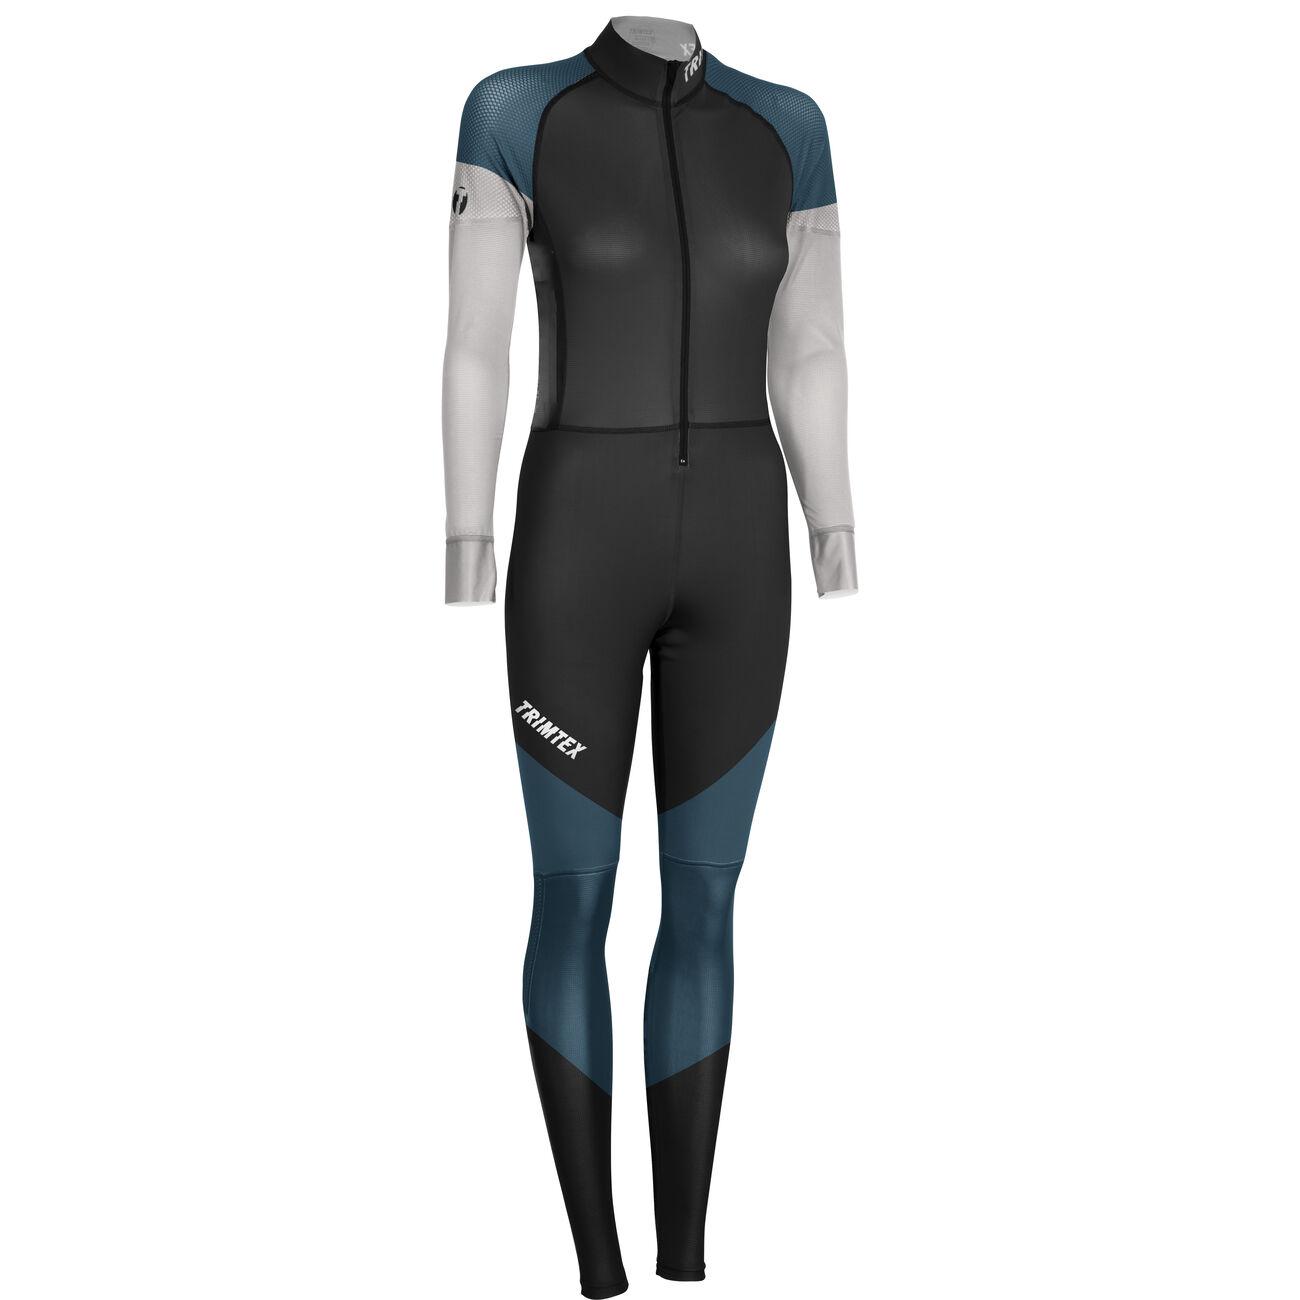 Ace 2.0 Race suit women's